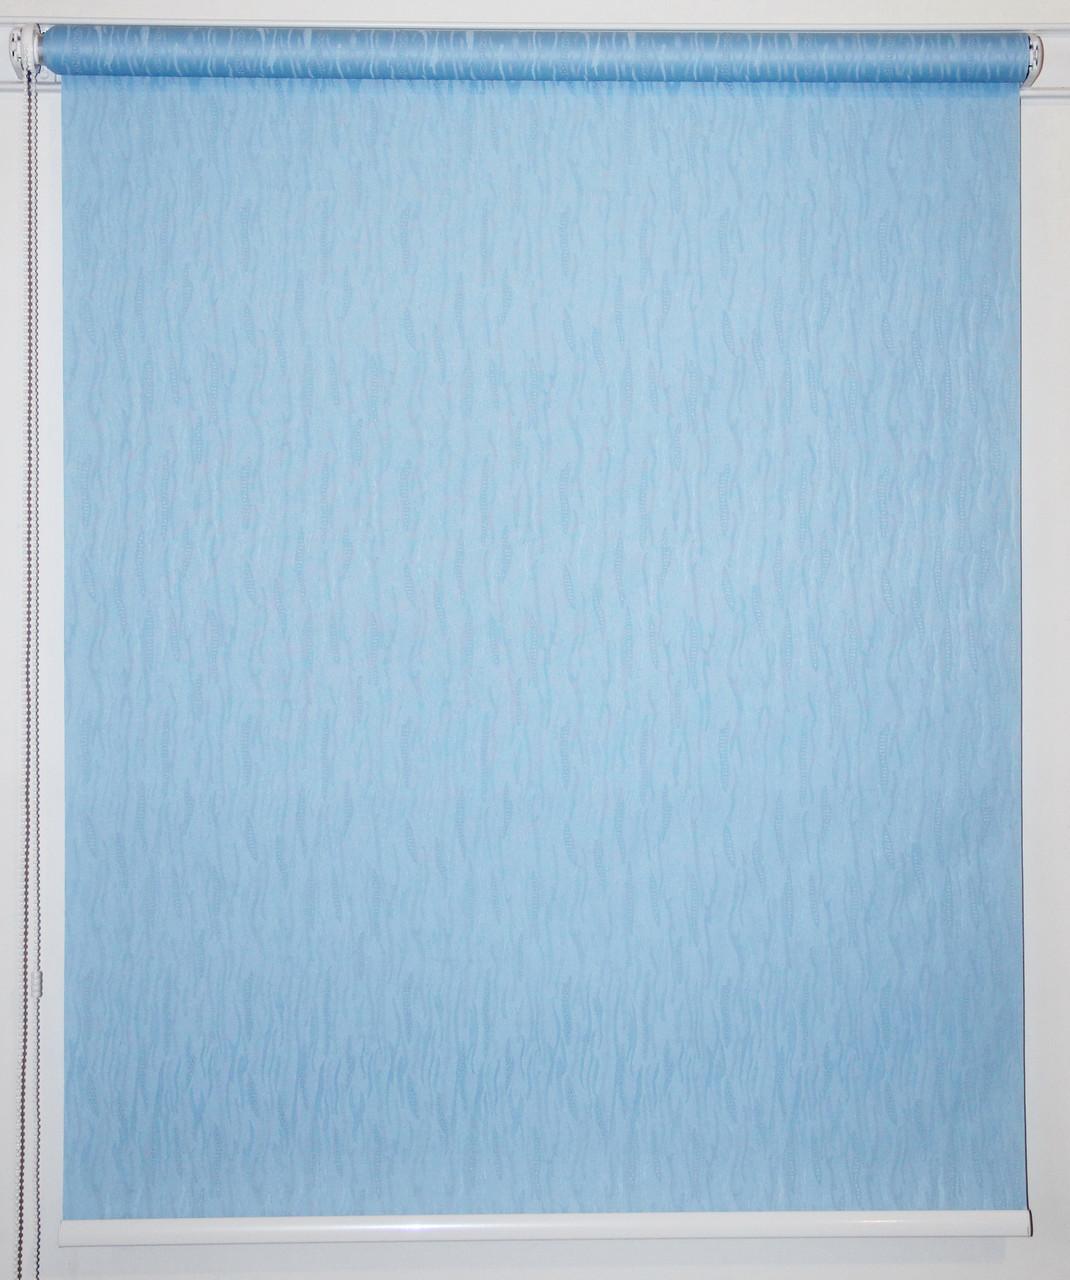 Готовые рулонные шторы 1000*1500 Ткань Лазурь 2074 Голубой